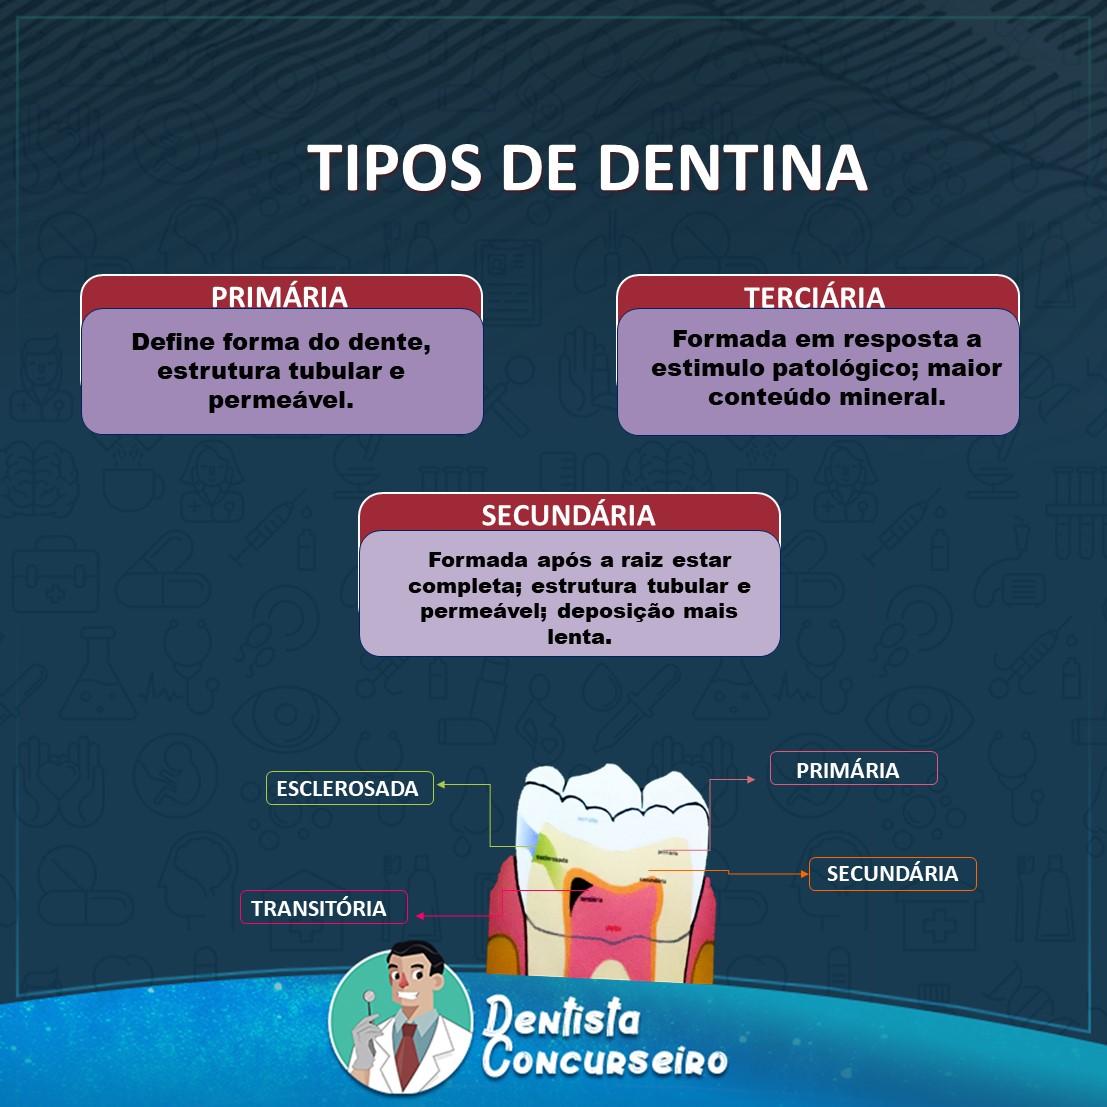 Resumo dos Tipos de Dentina | Odontologia